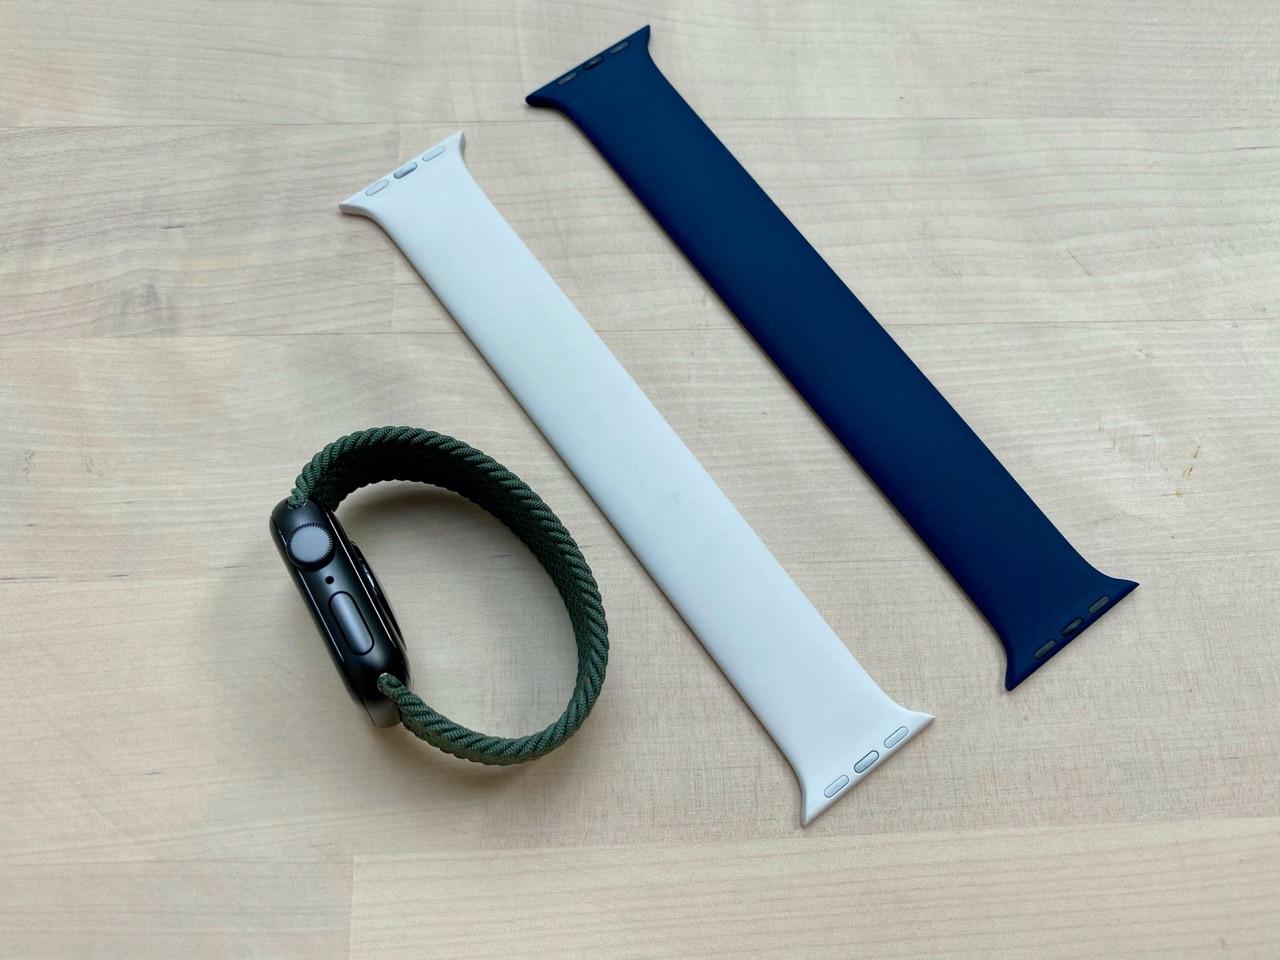 Apple Watch SE met solobandjes.